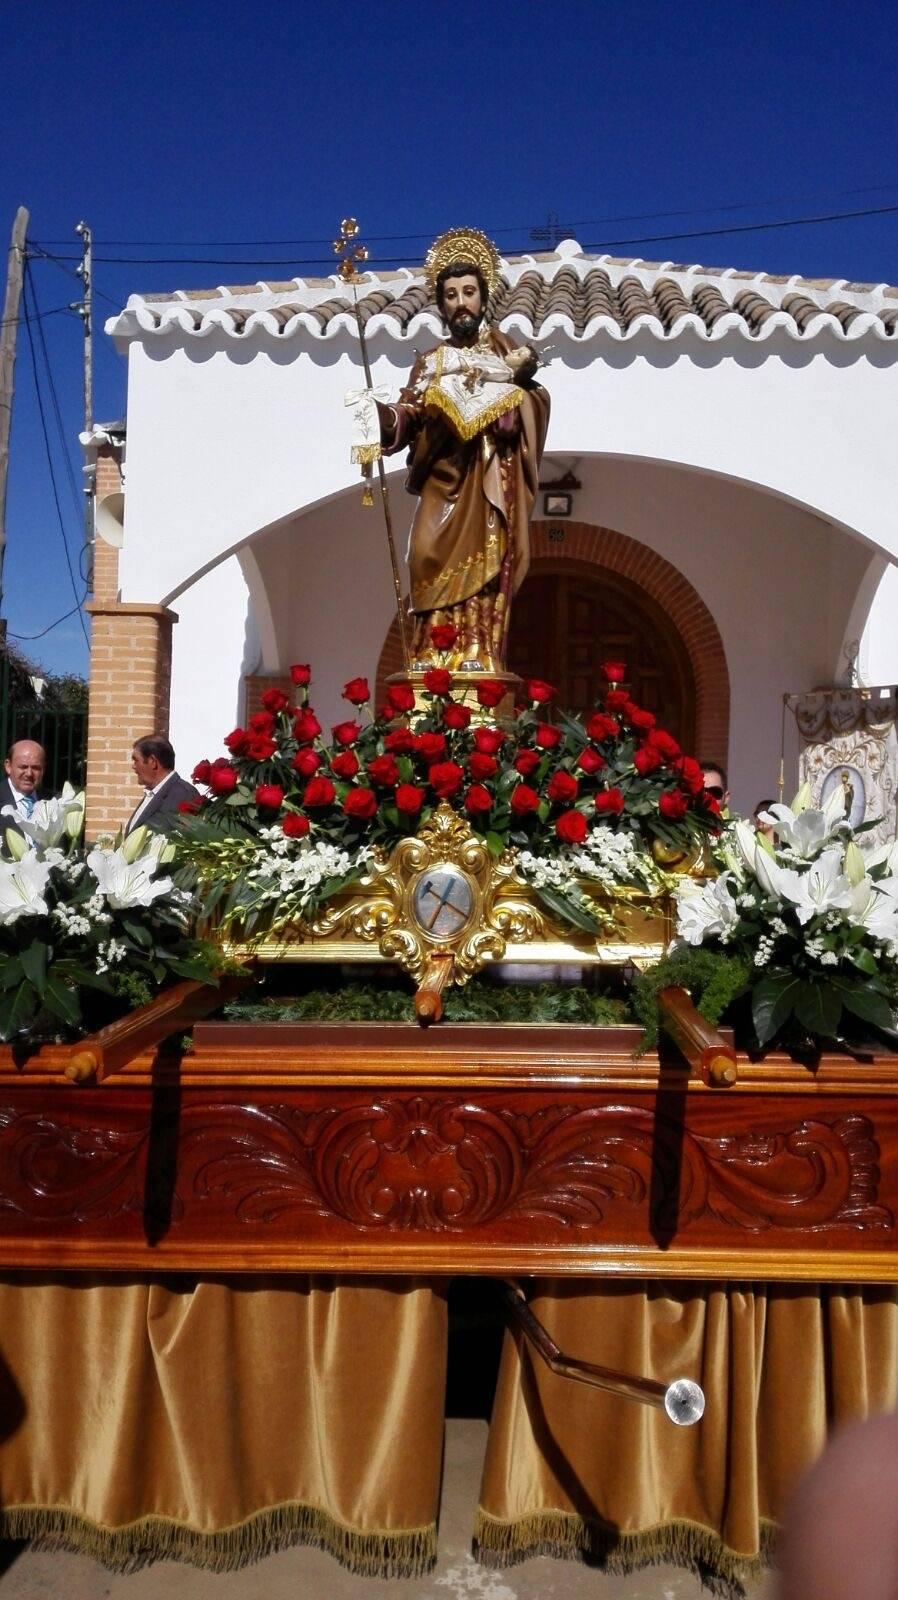 09Festividad de san Jose en Herencia 2017 - La ermita de San José sufre un robo durante la madrugada del lunes